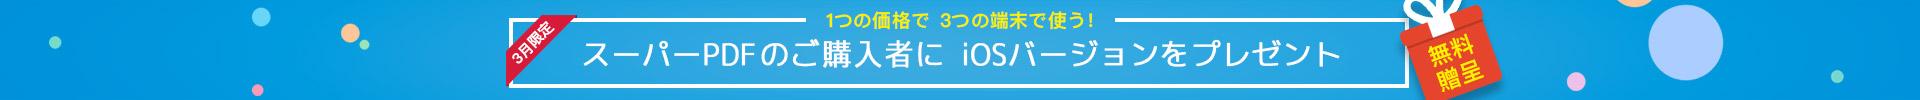 ワンダーシェアーPDF編集iOS版無料贈呈